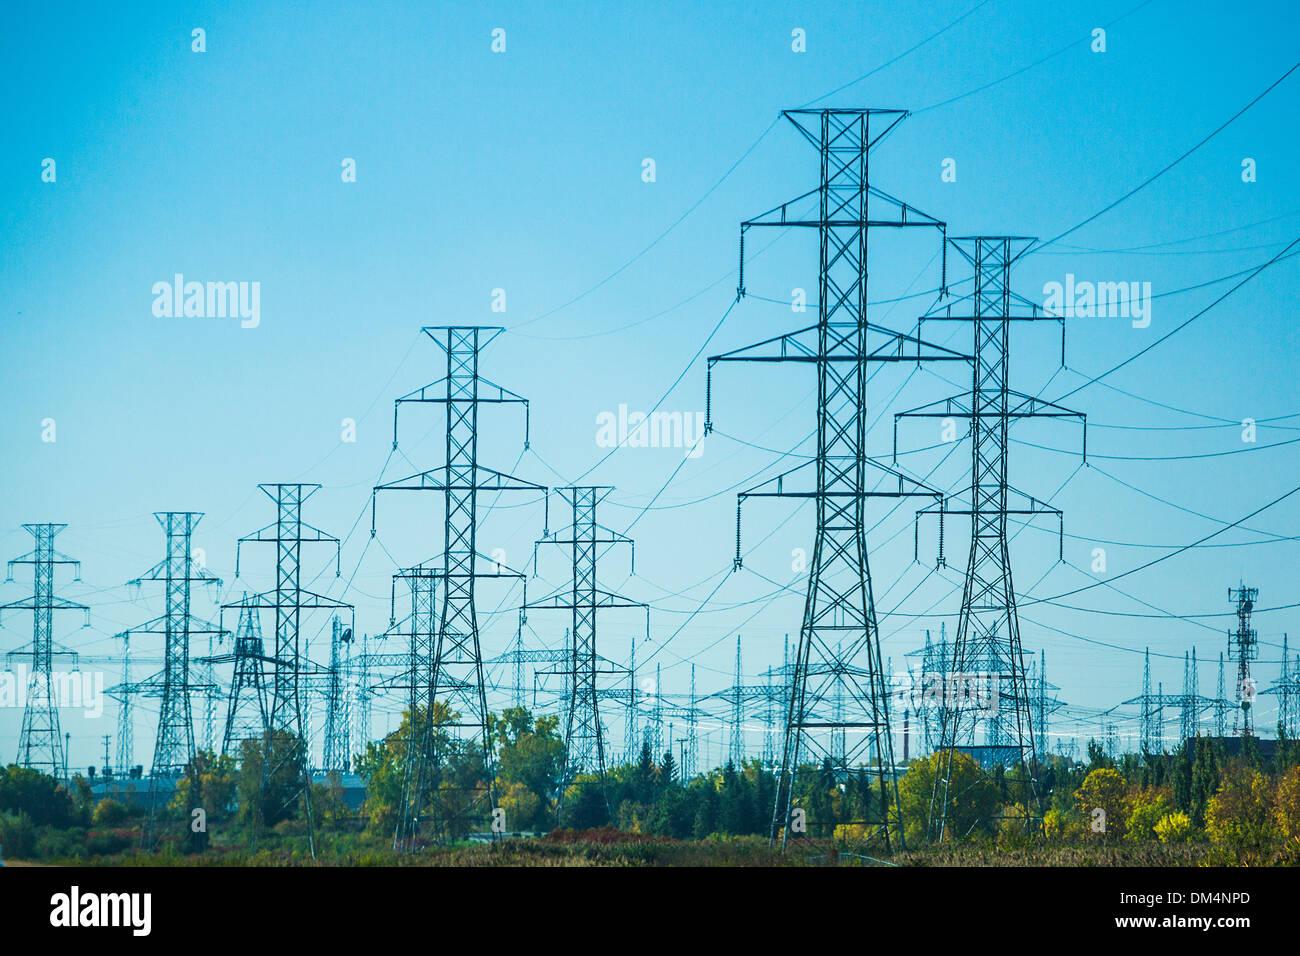 Canadá, América del Norte, Québec, electricidad, energía, alta, industrial, industria, energía, torres, tensión Imagen De Stock